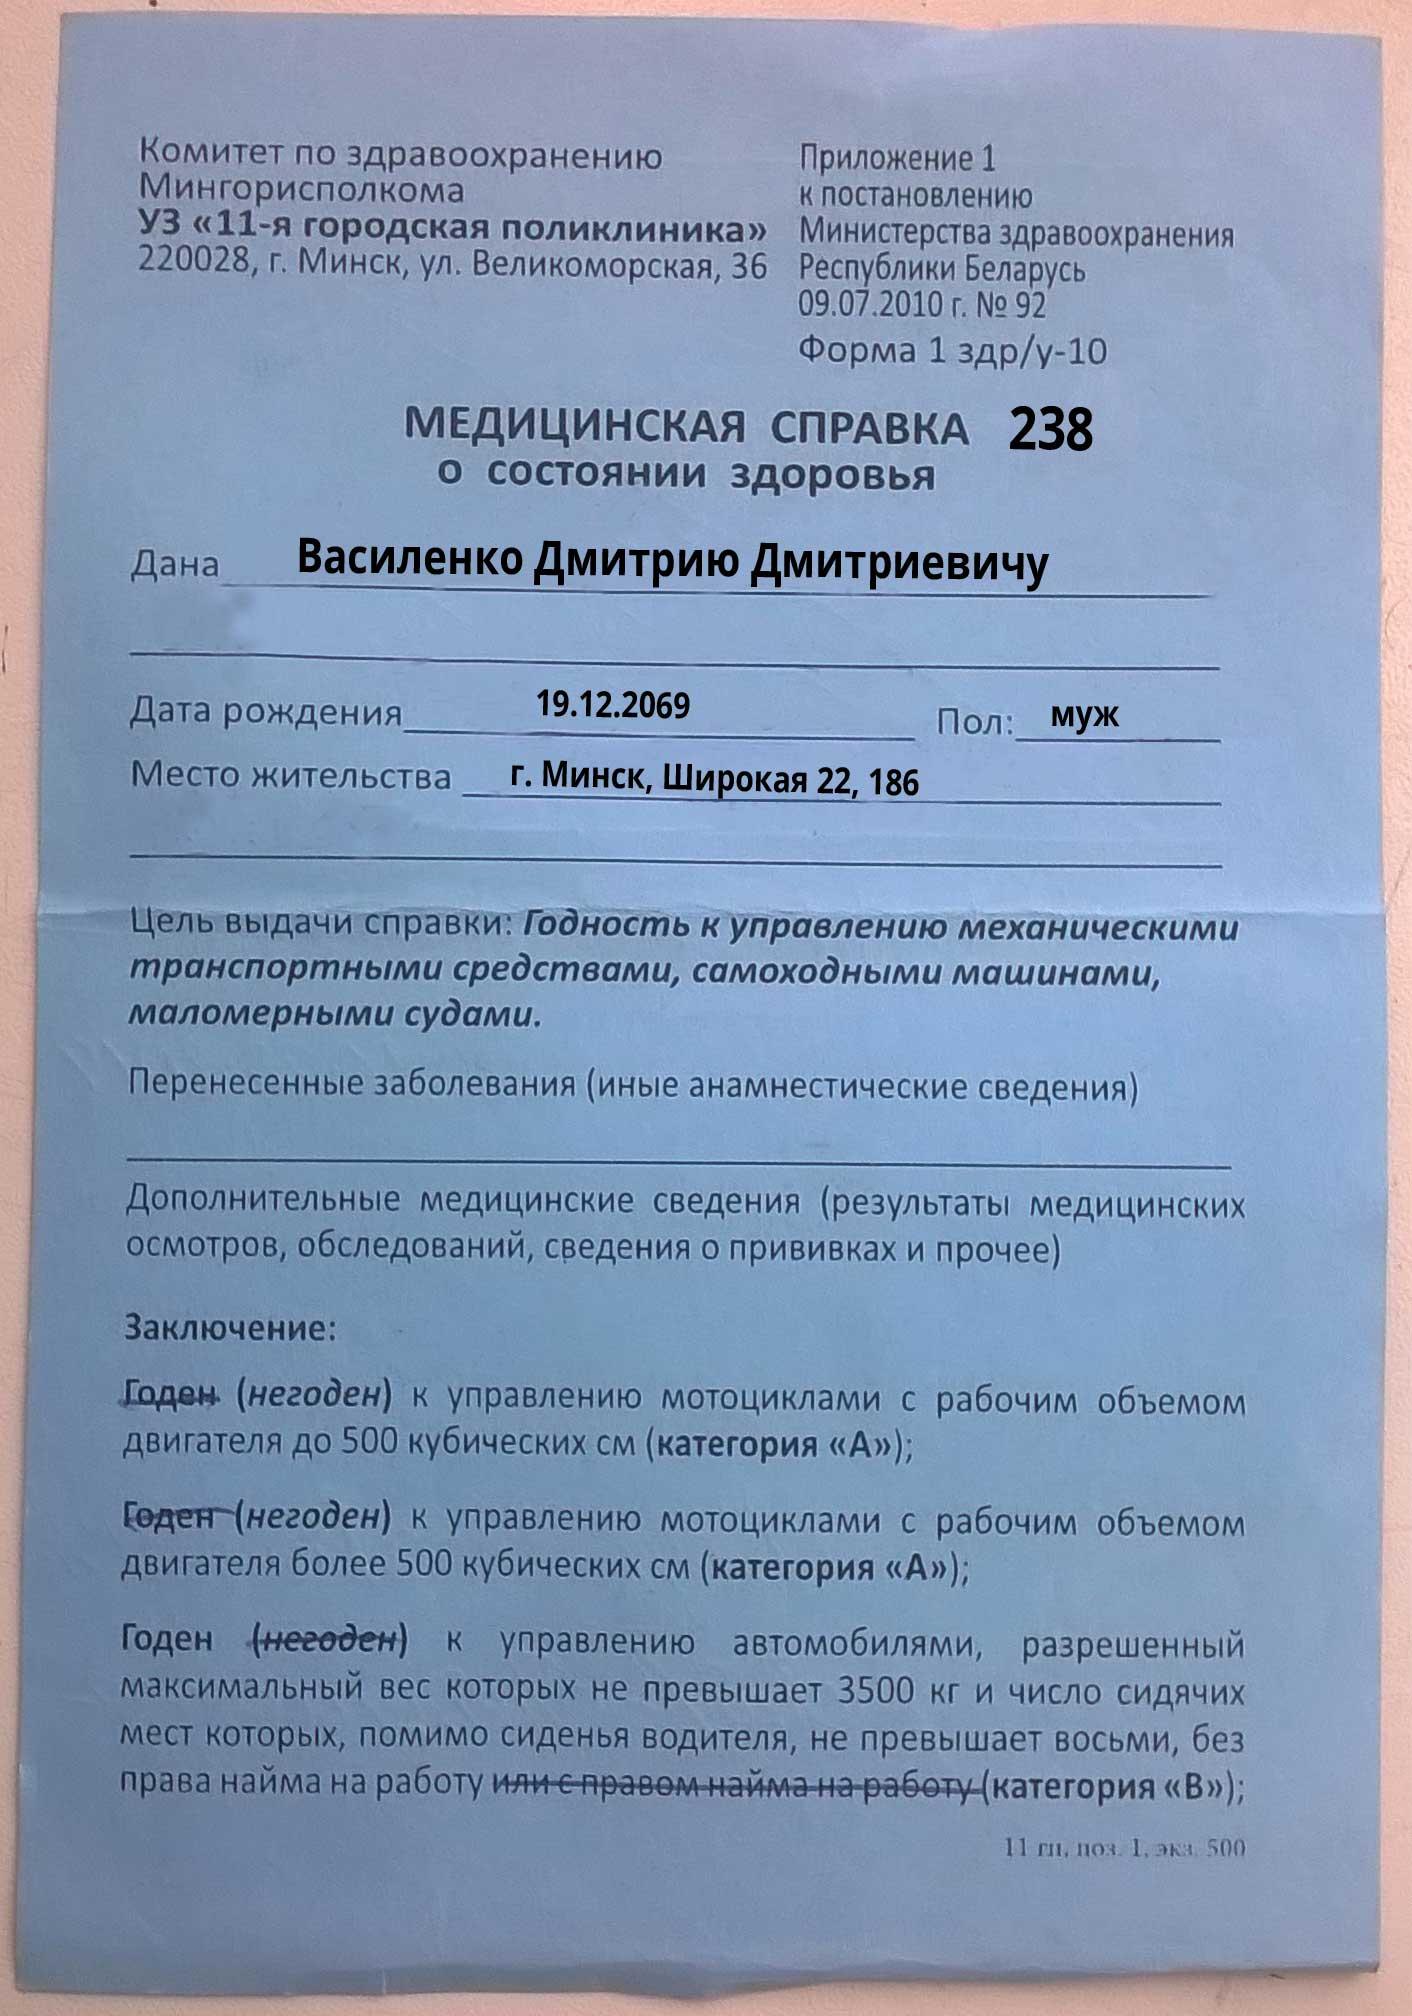 Медицинская справка для работы на высоте Ломоносовский район